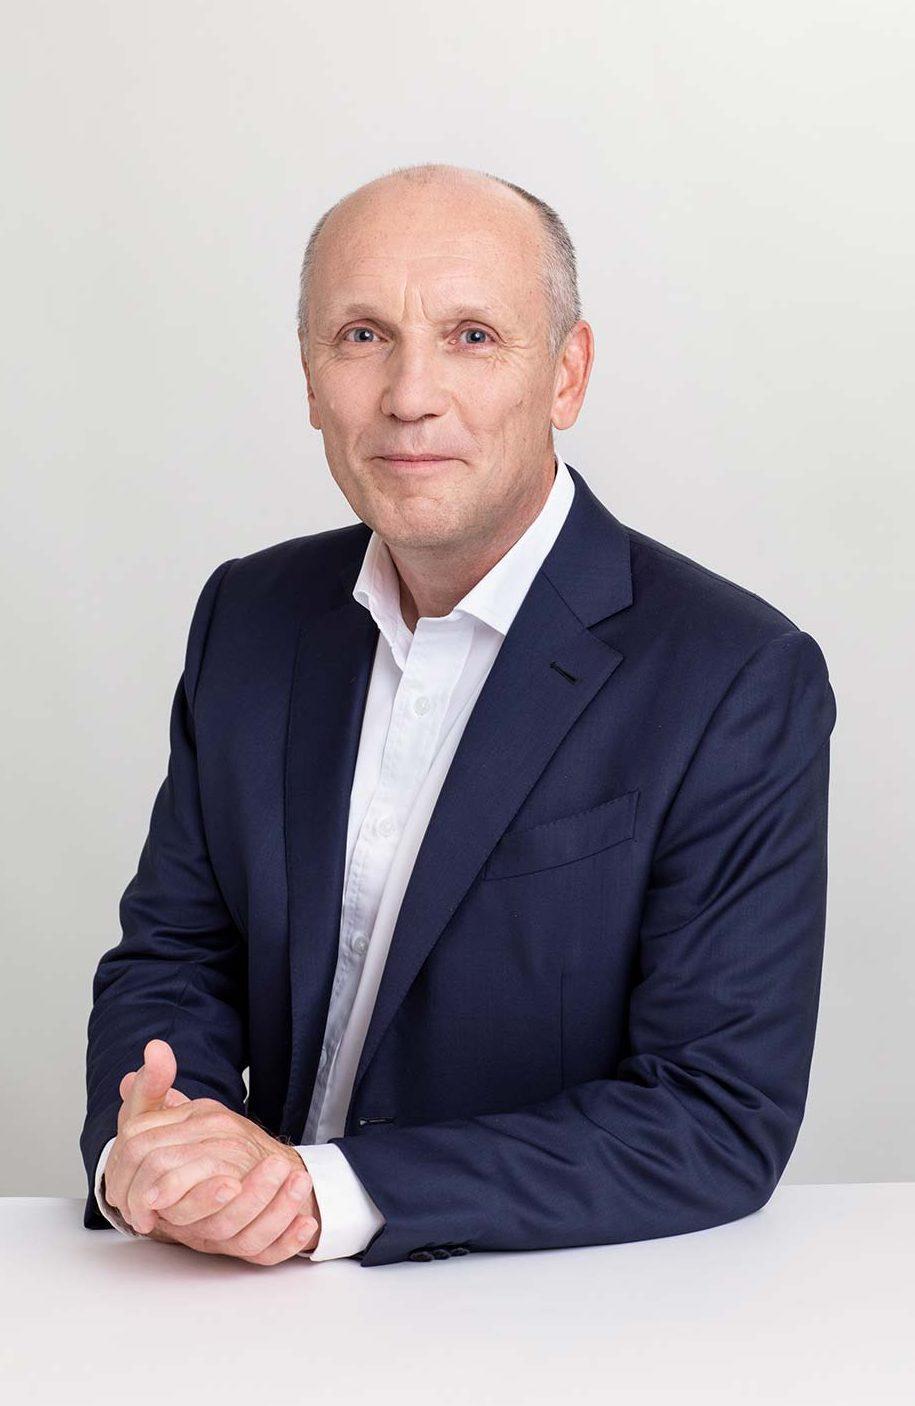 Christoffer Sundman